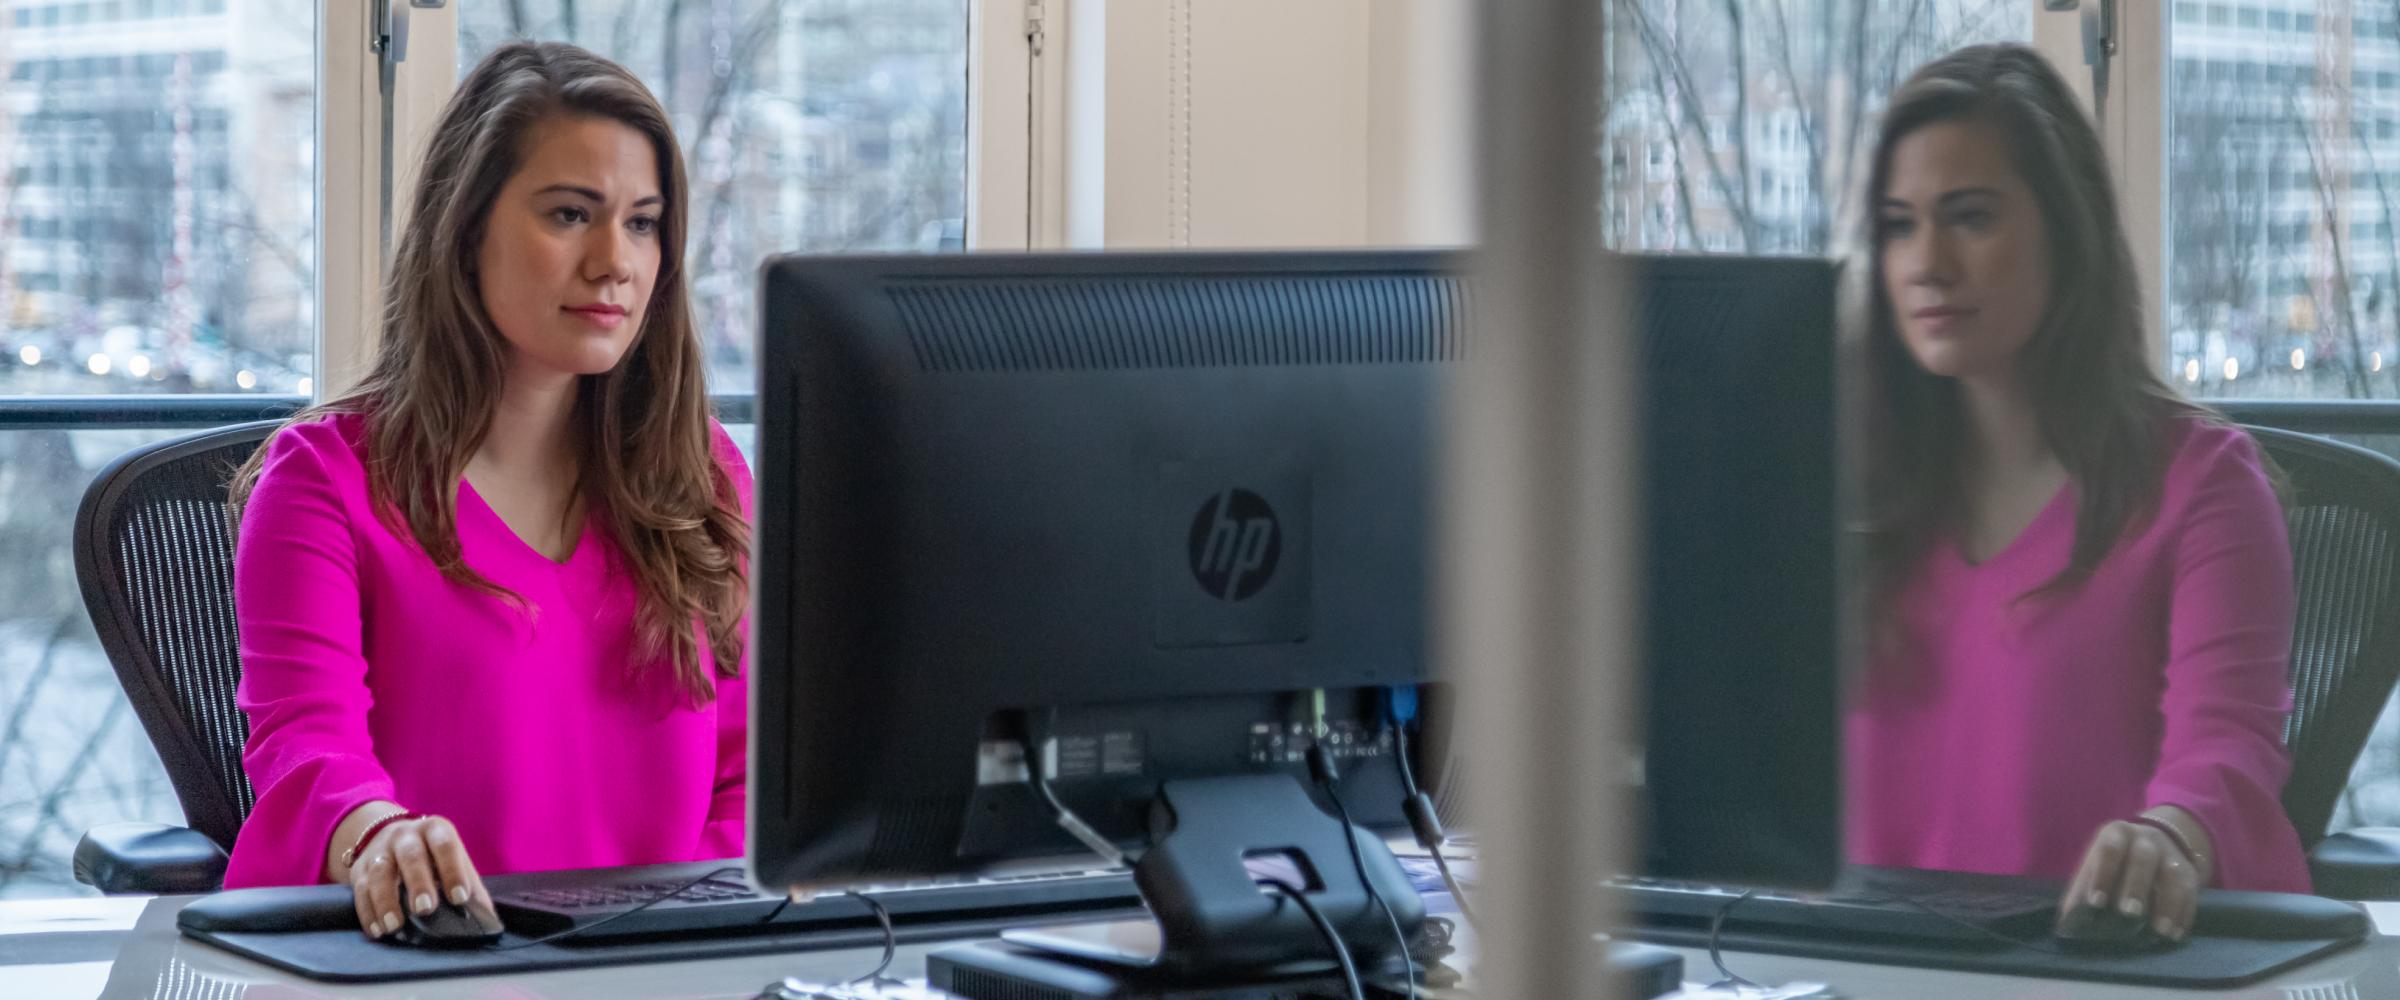 Sophie Boots op haar werkplek